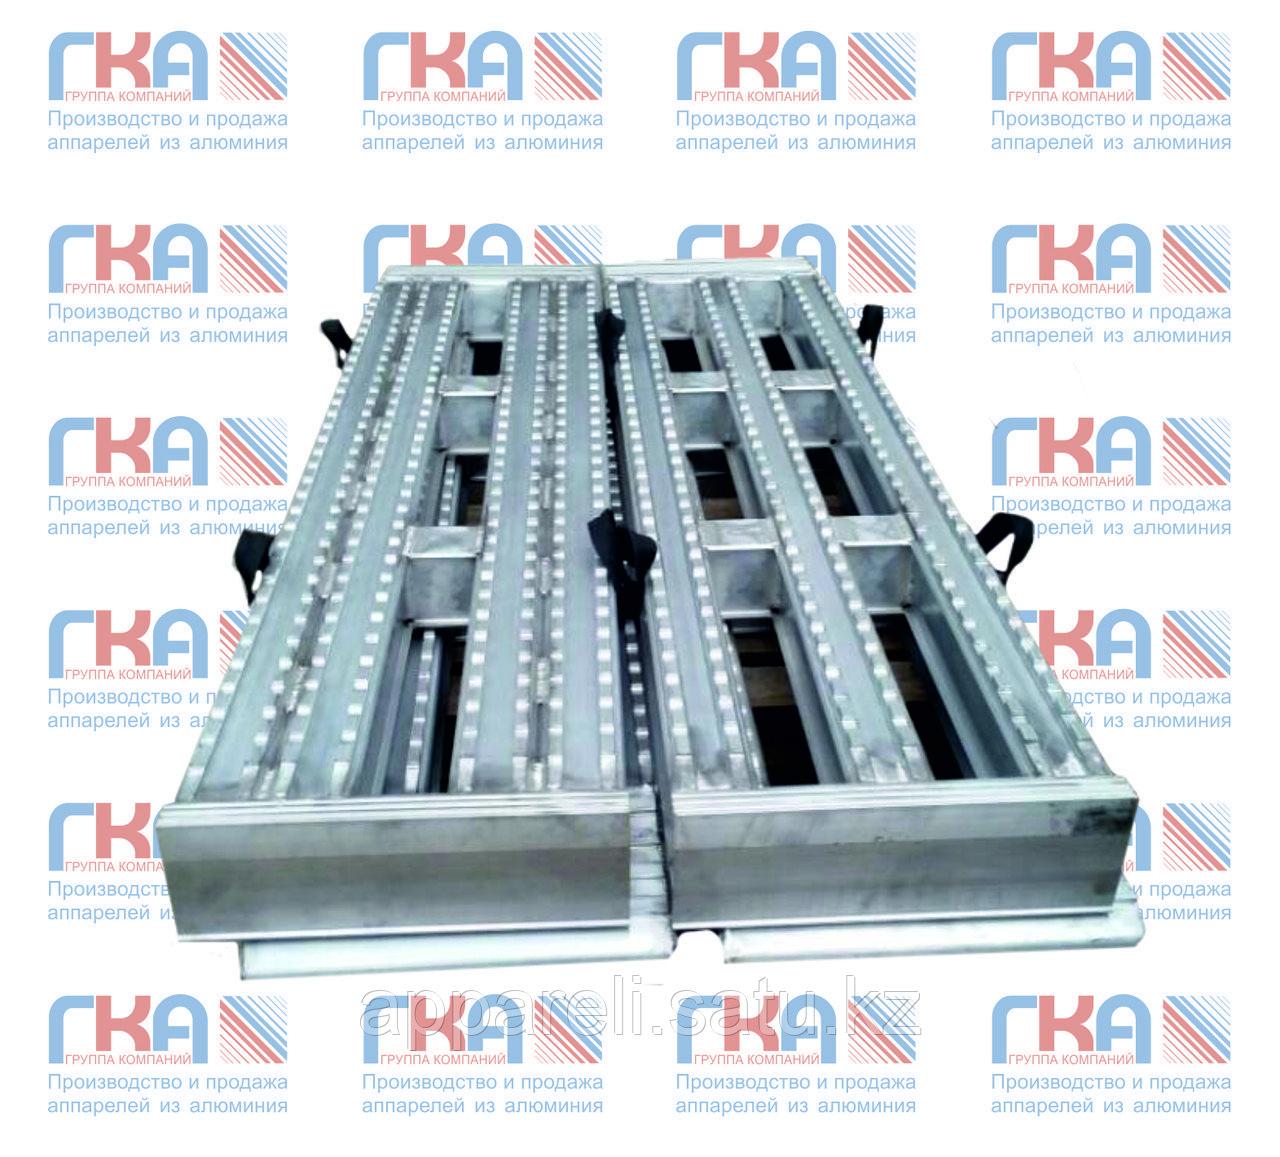 Алюминиевые аппарели до 60 тонн длина 3500 мм.